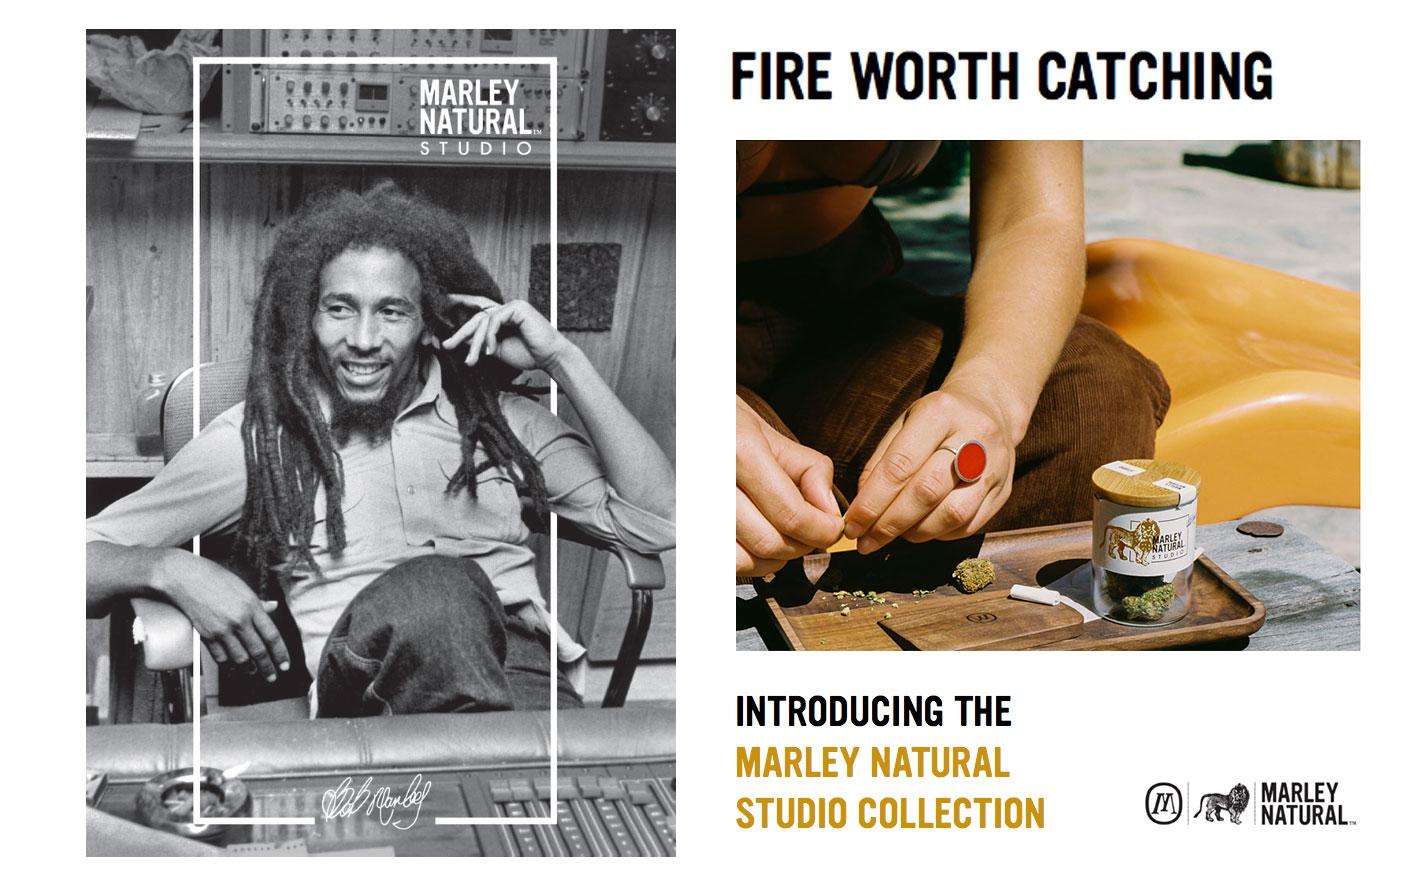 image of Marley Naturals creative